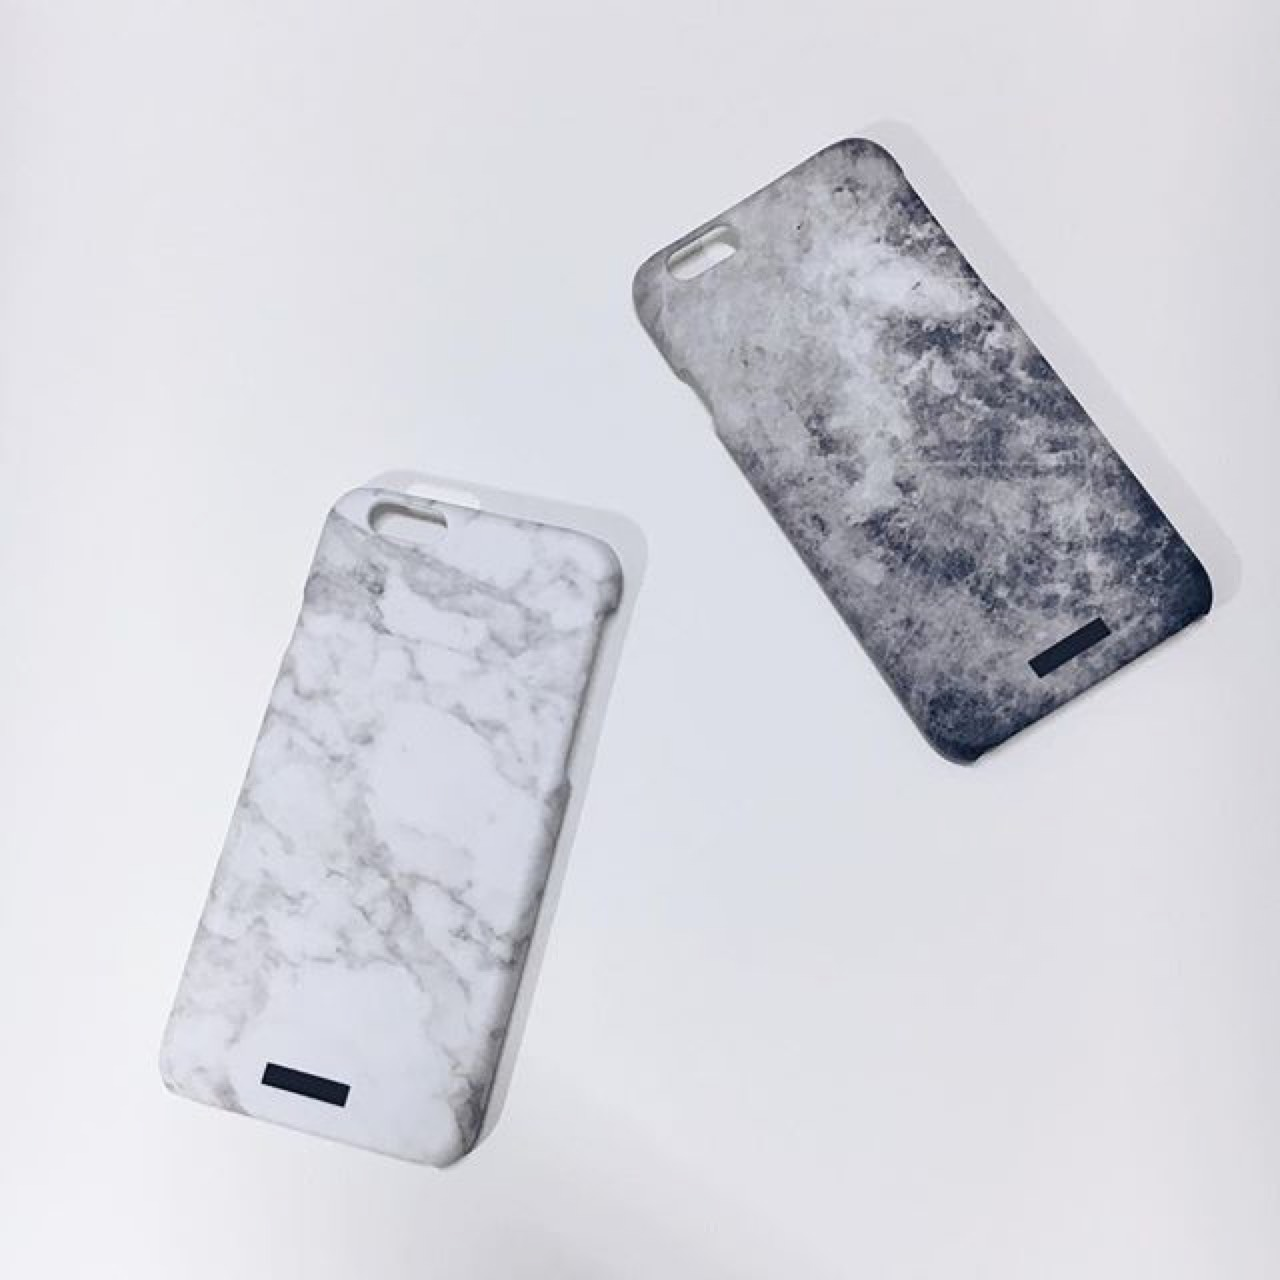 Case,material,case